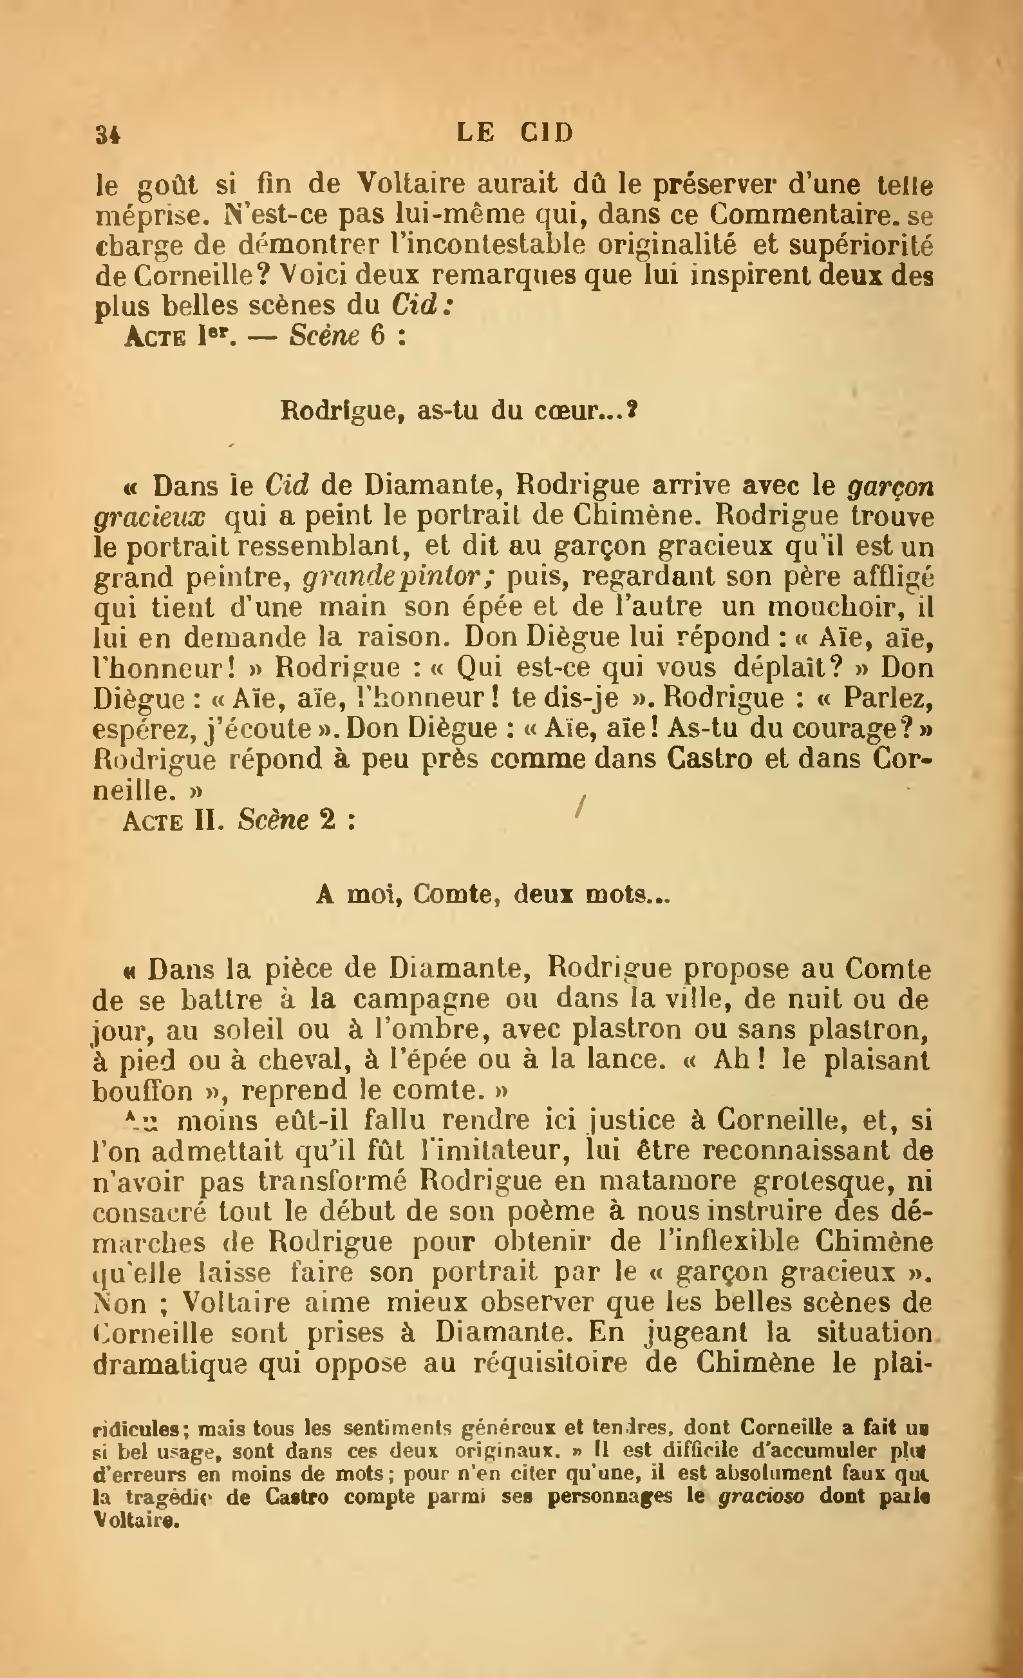 Le Cid Acte 2 Scene 2 : scene, Page:Corneille, Théâtre, Hémon, Tome1.djvu/208, Wikisource